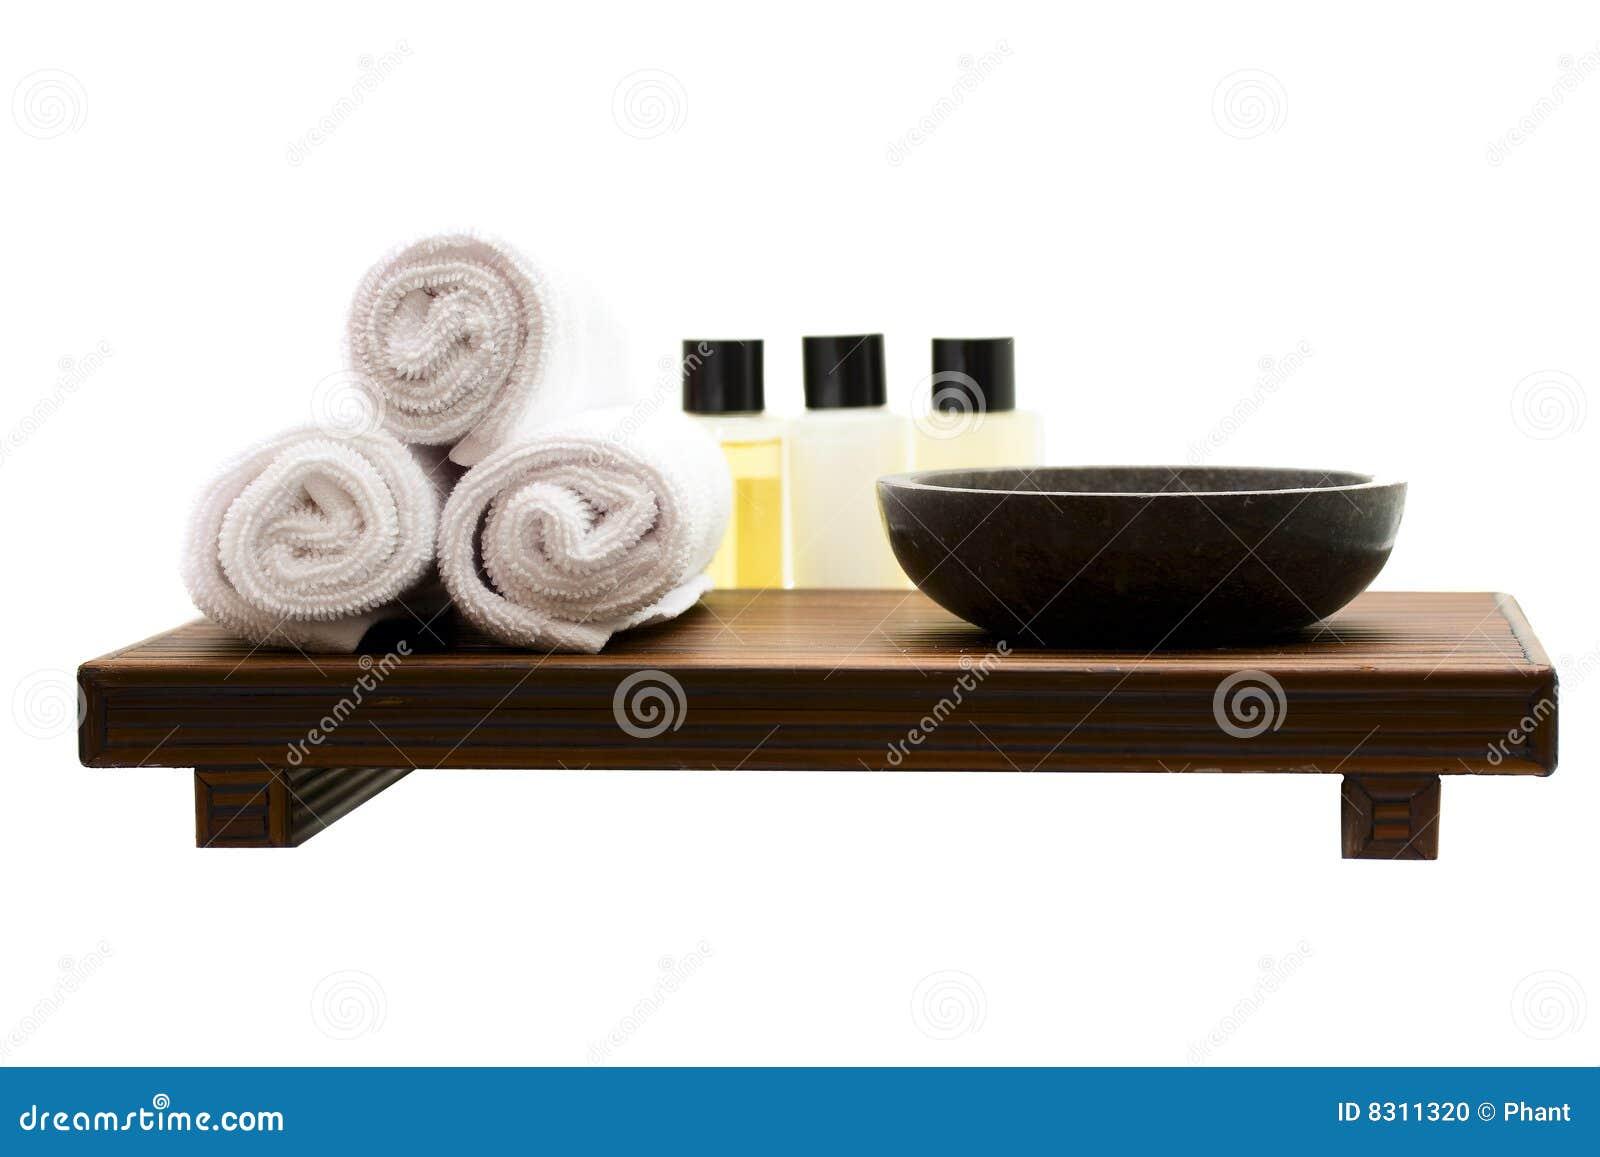 Accessories spa